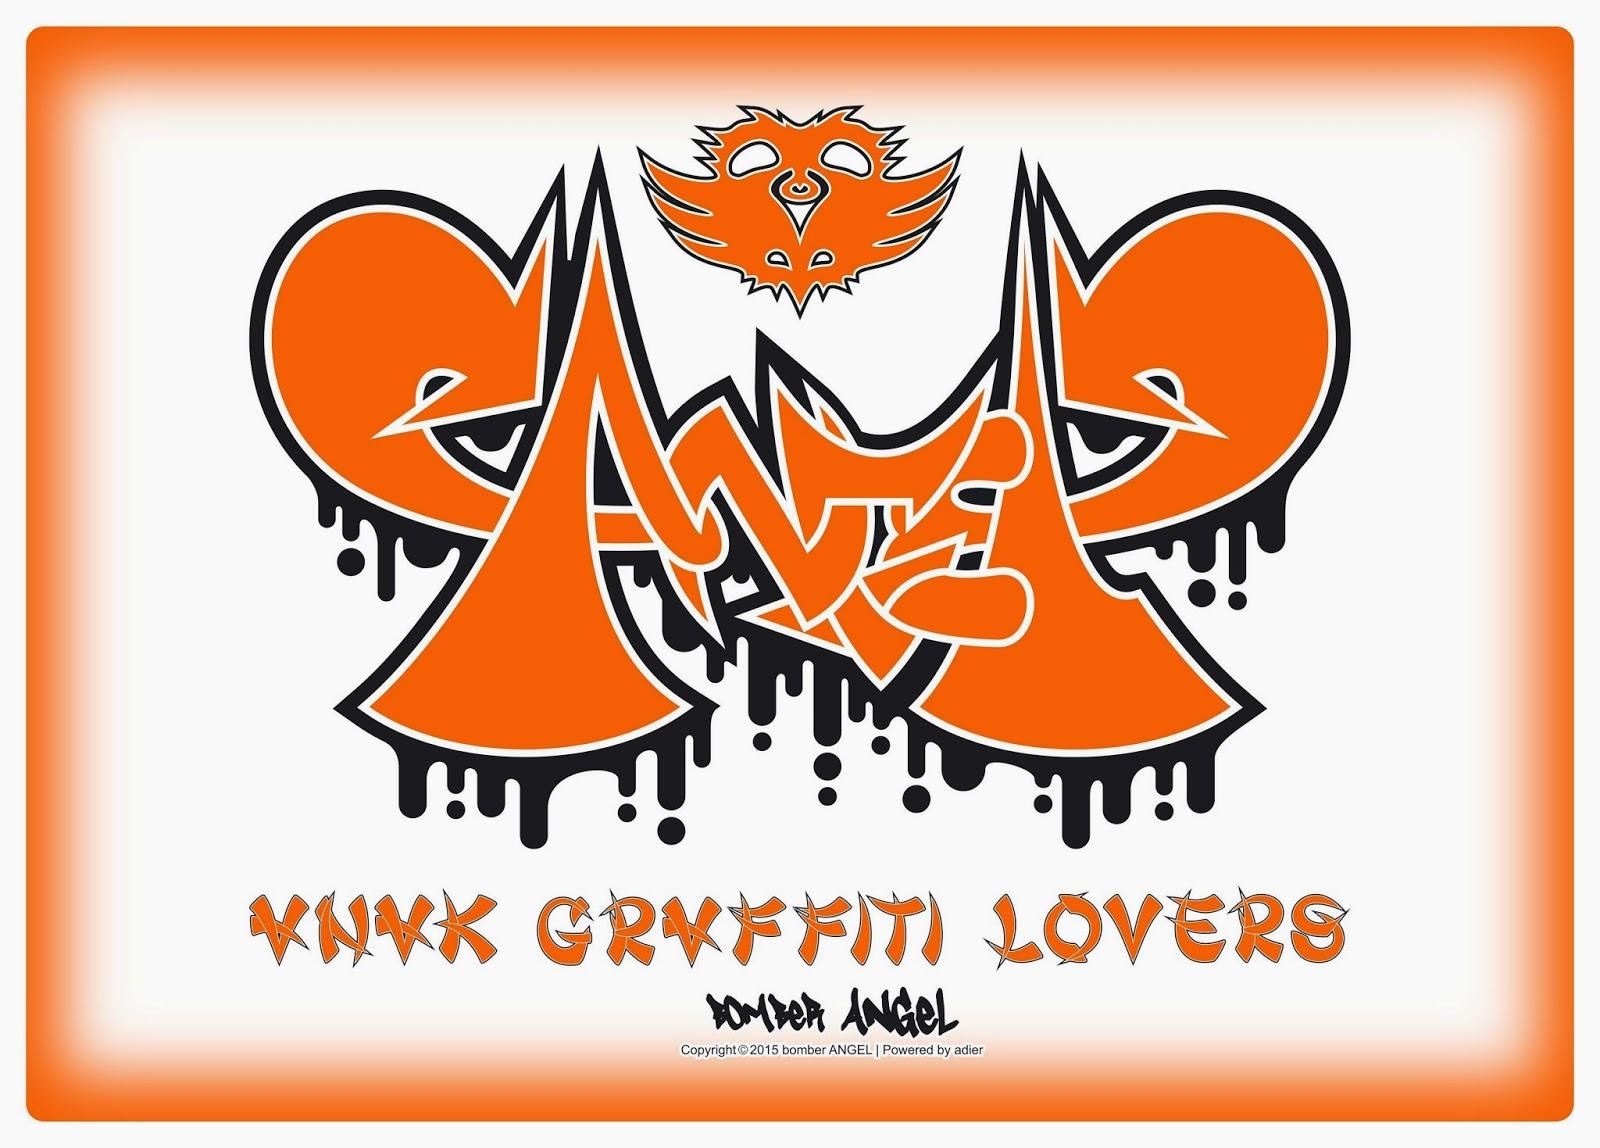 Download aplikasi graffiti creator java - Kamis 22 Januari 2015